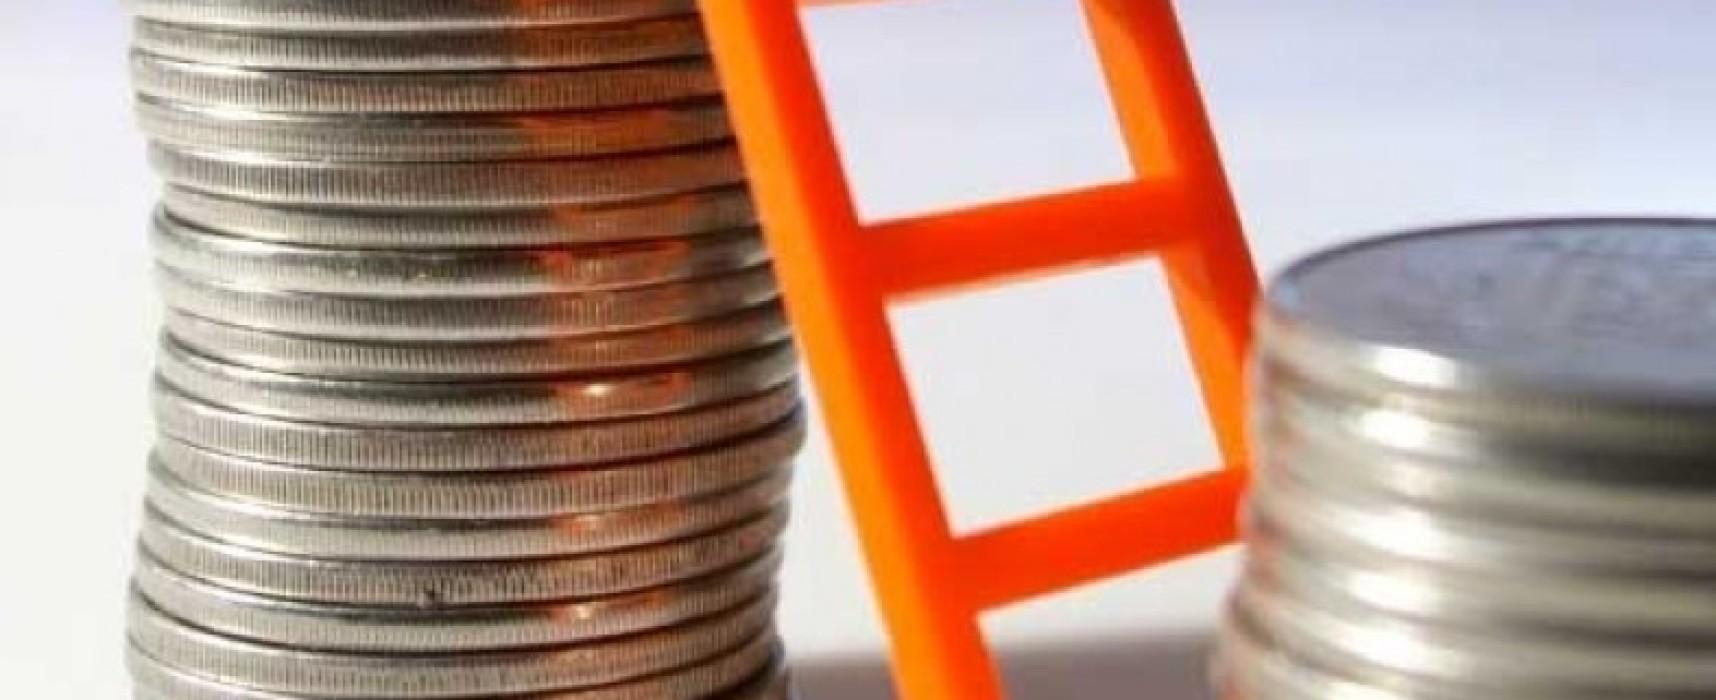 Ждать ли бюджетникам, что их зарплата будет увеличена?